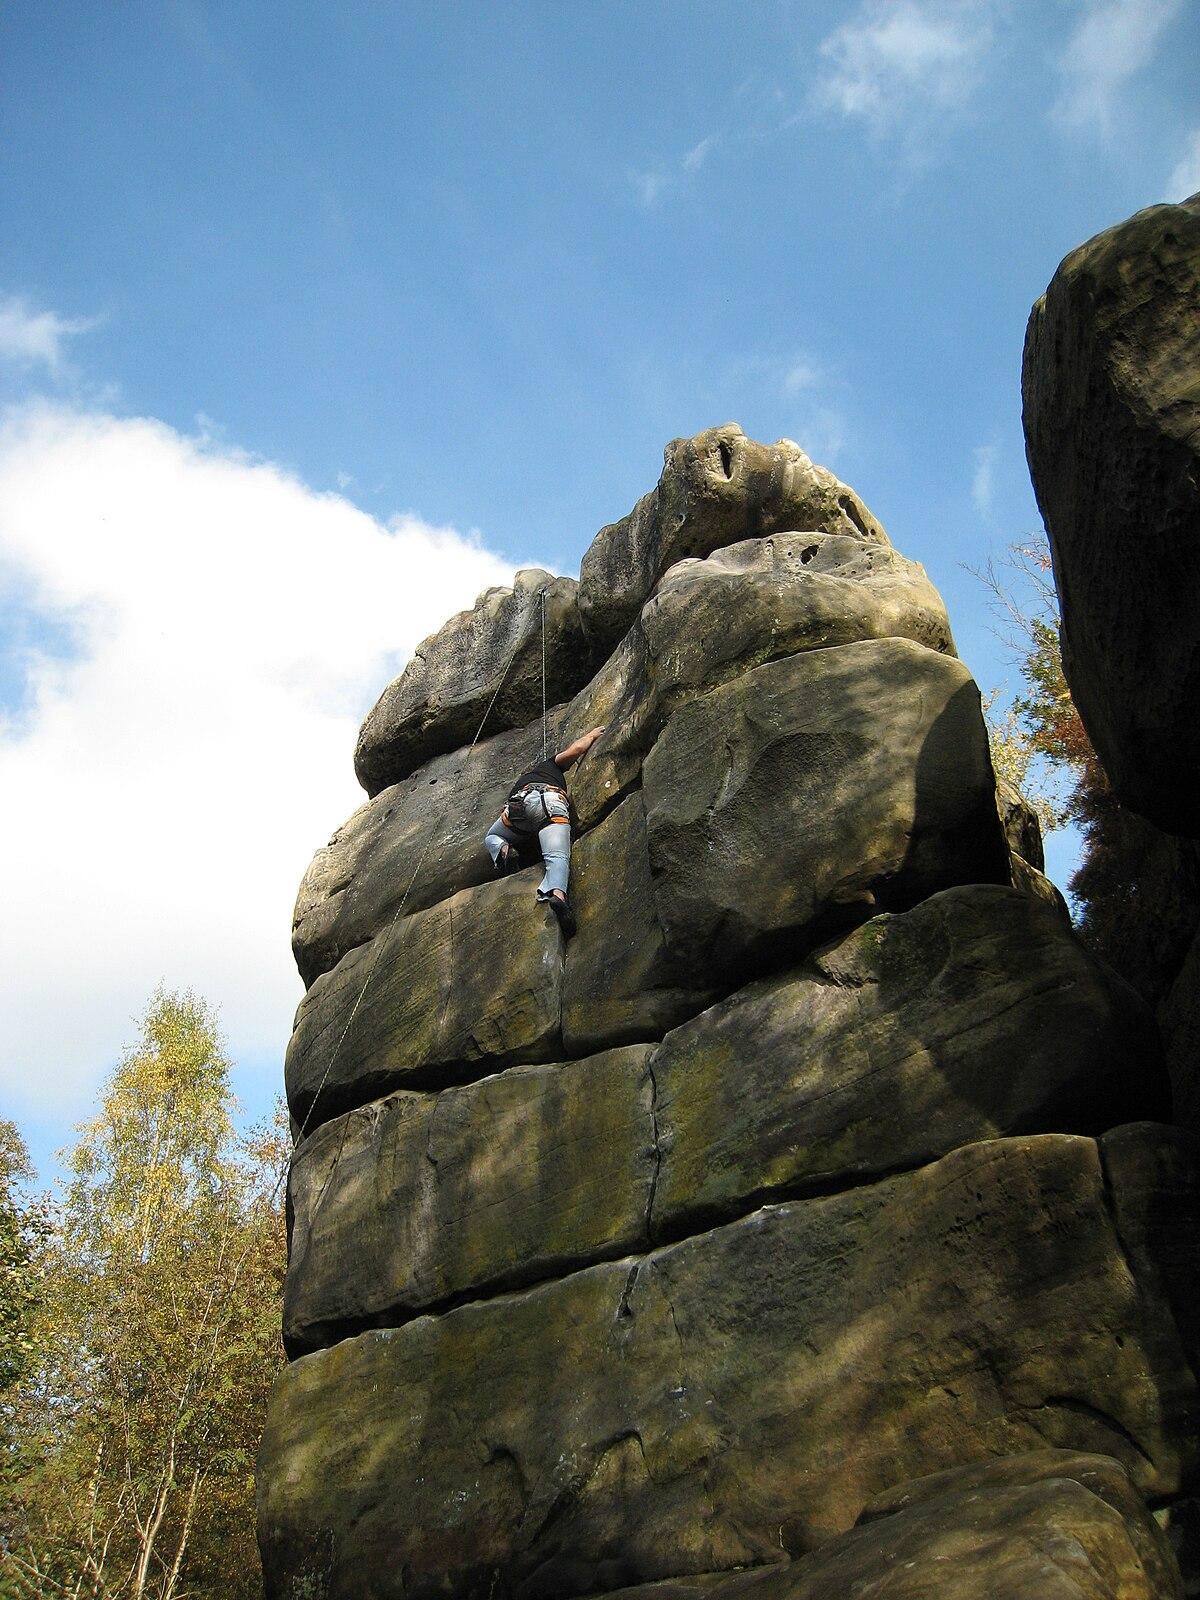 Harrisons Rocks Wikipedia